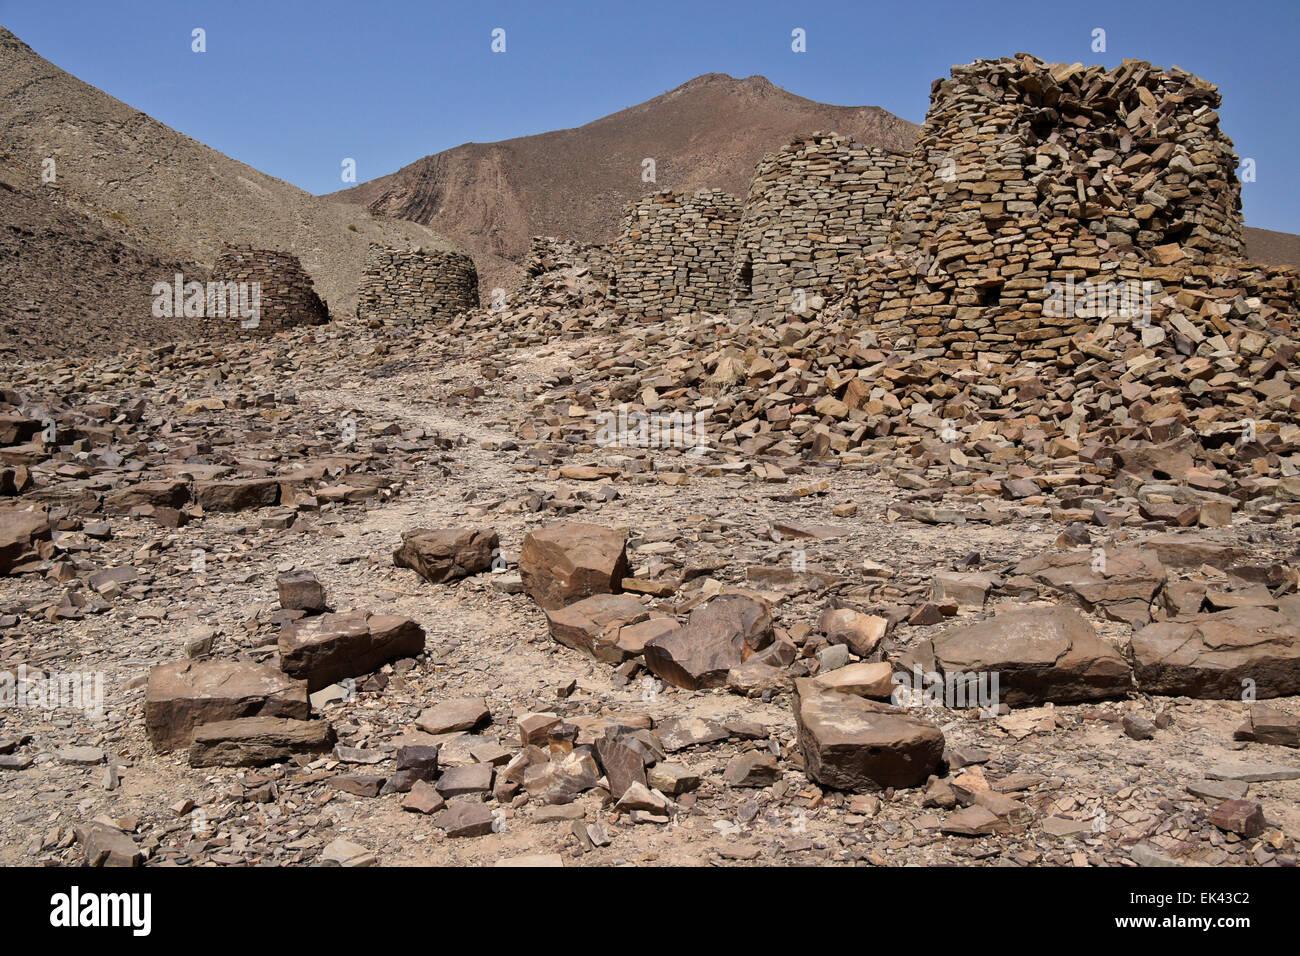 Qubur Juhhal beehive tombs at Al-Ayn, Oman - Stock Image